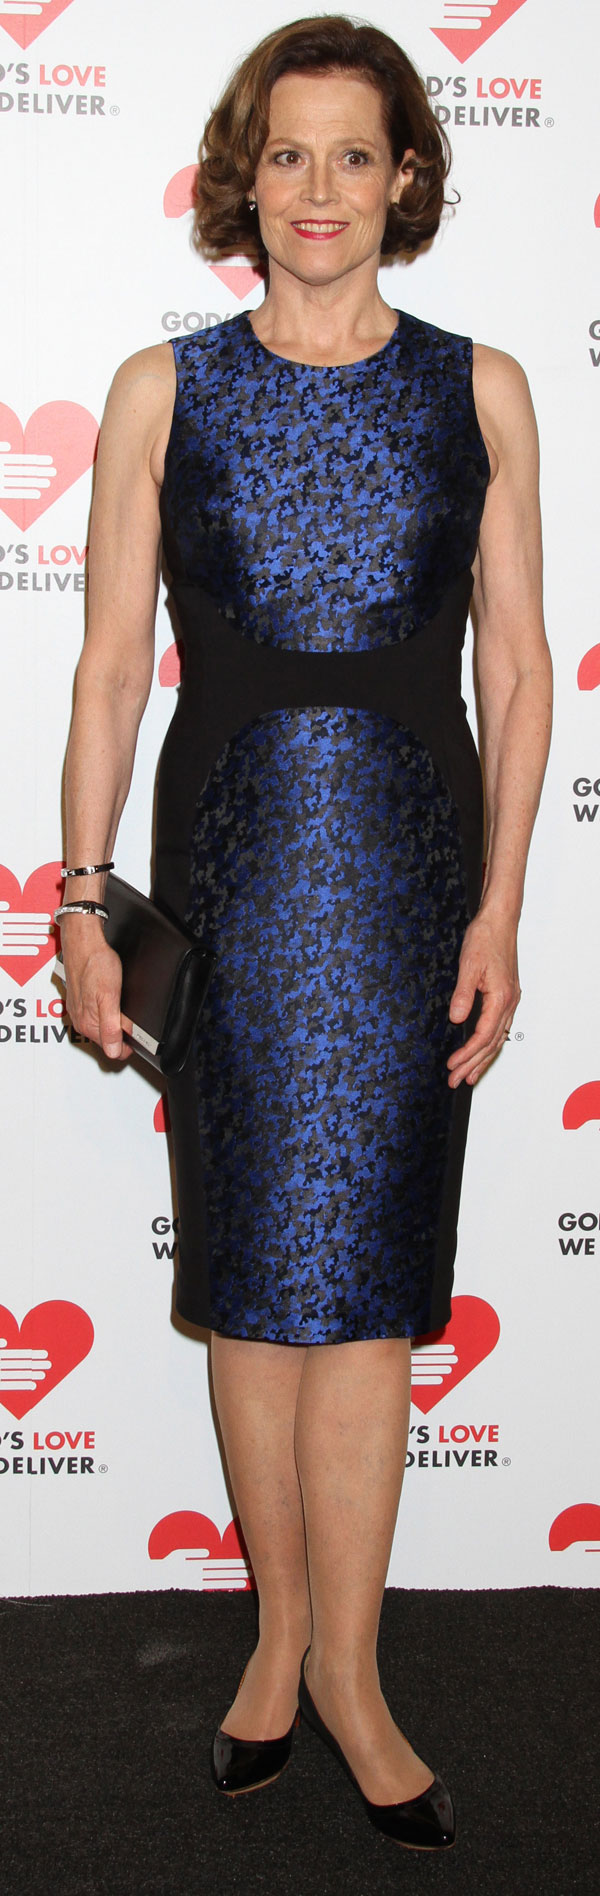 Golden-Sigourney Weaver